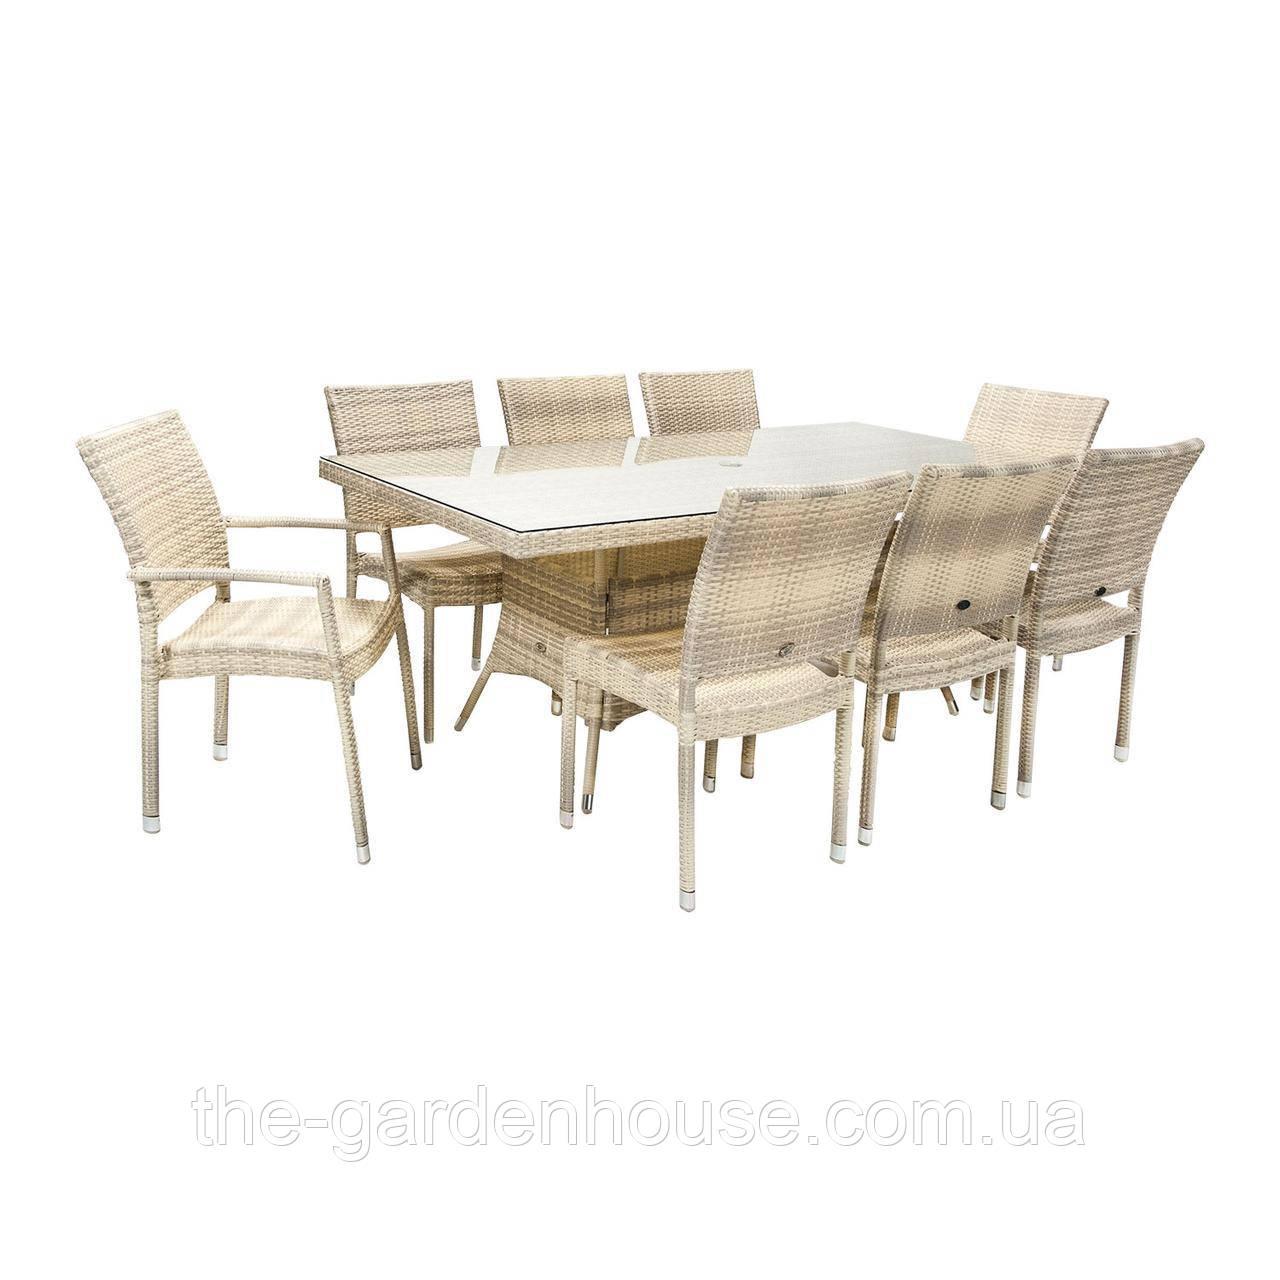 Обеденный комплект Wicker из техноротанга: стол 200 см и 8 стульев светло-бежевый, фото 1